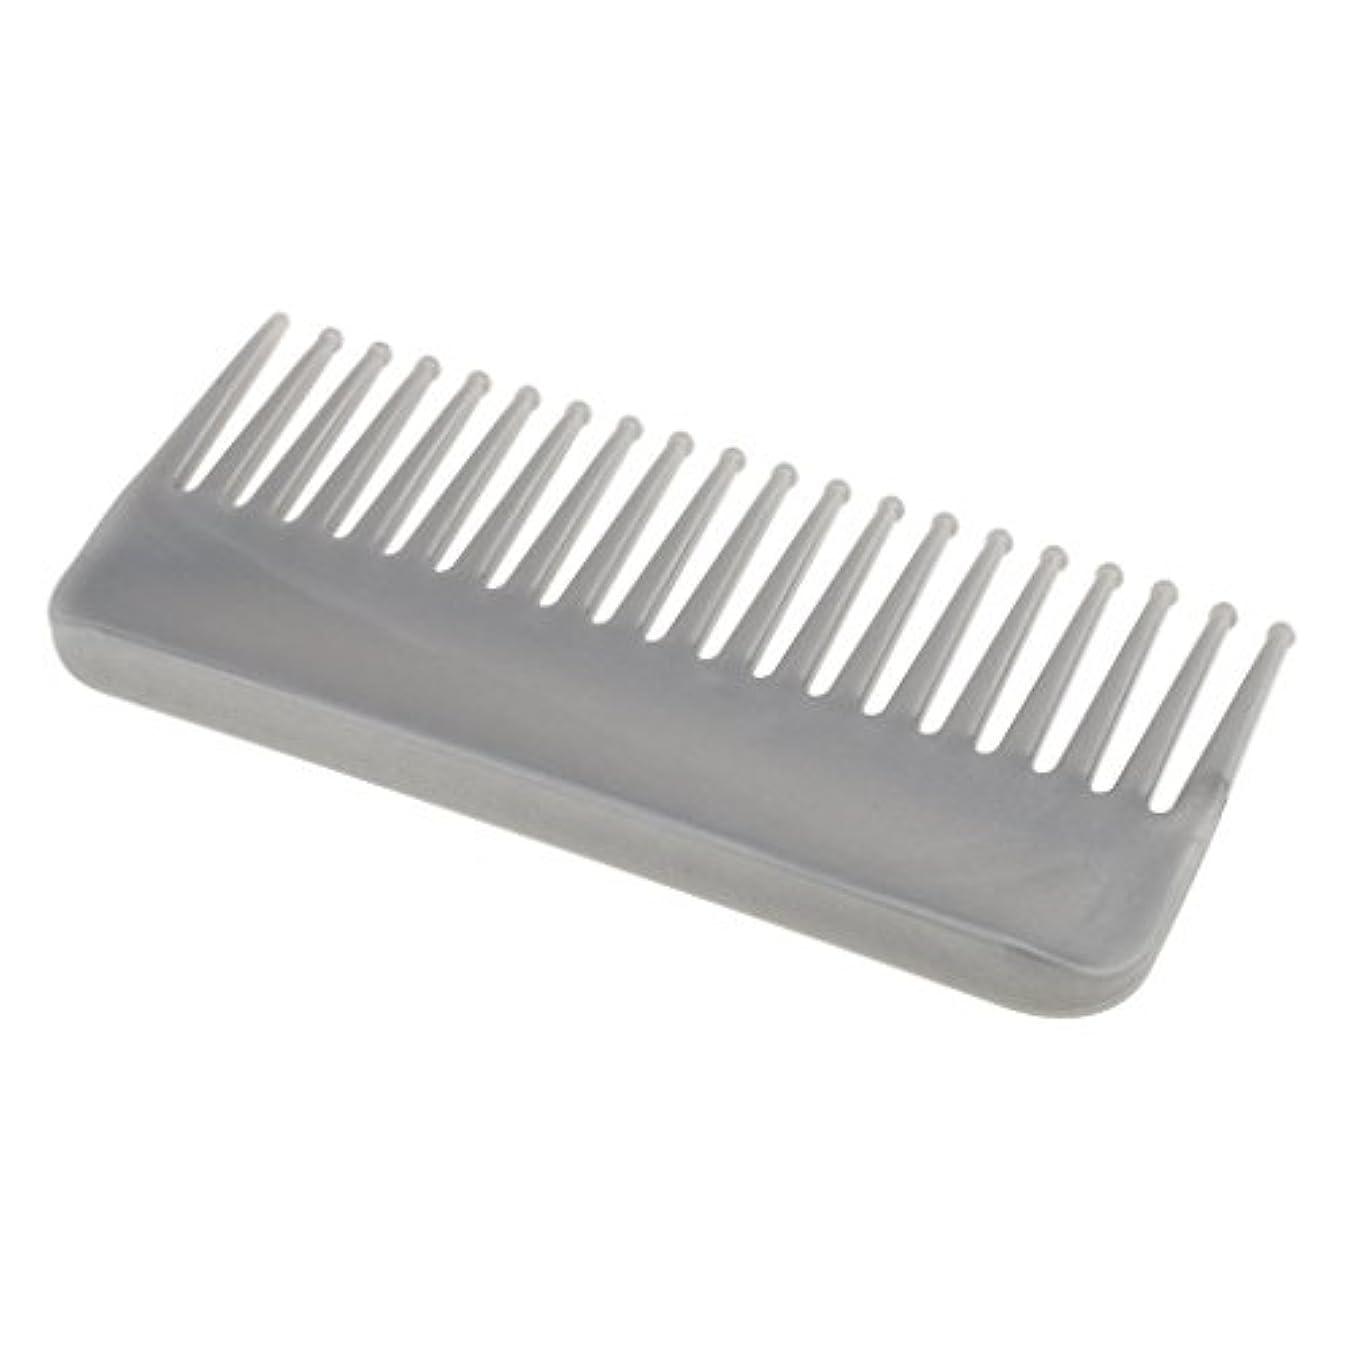 岸権限を与える申込みCUTICATE プラスチック製の絡みのない広い歯のヘアブラシサロンヘアケアマッサージツール